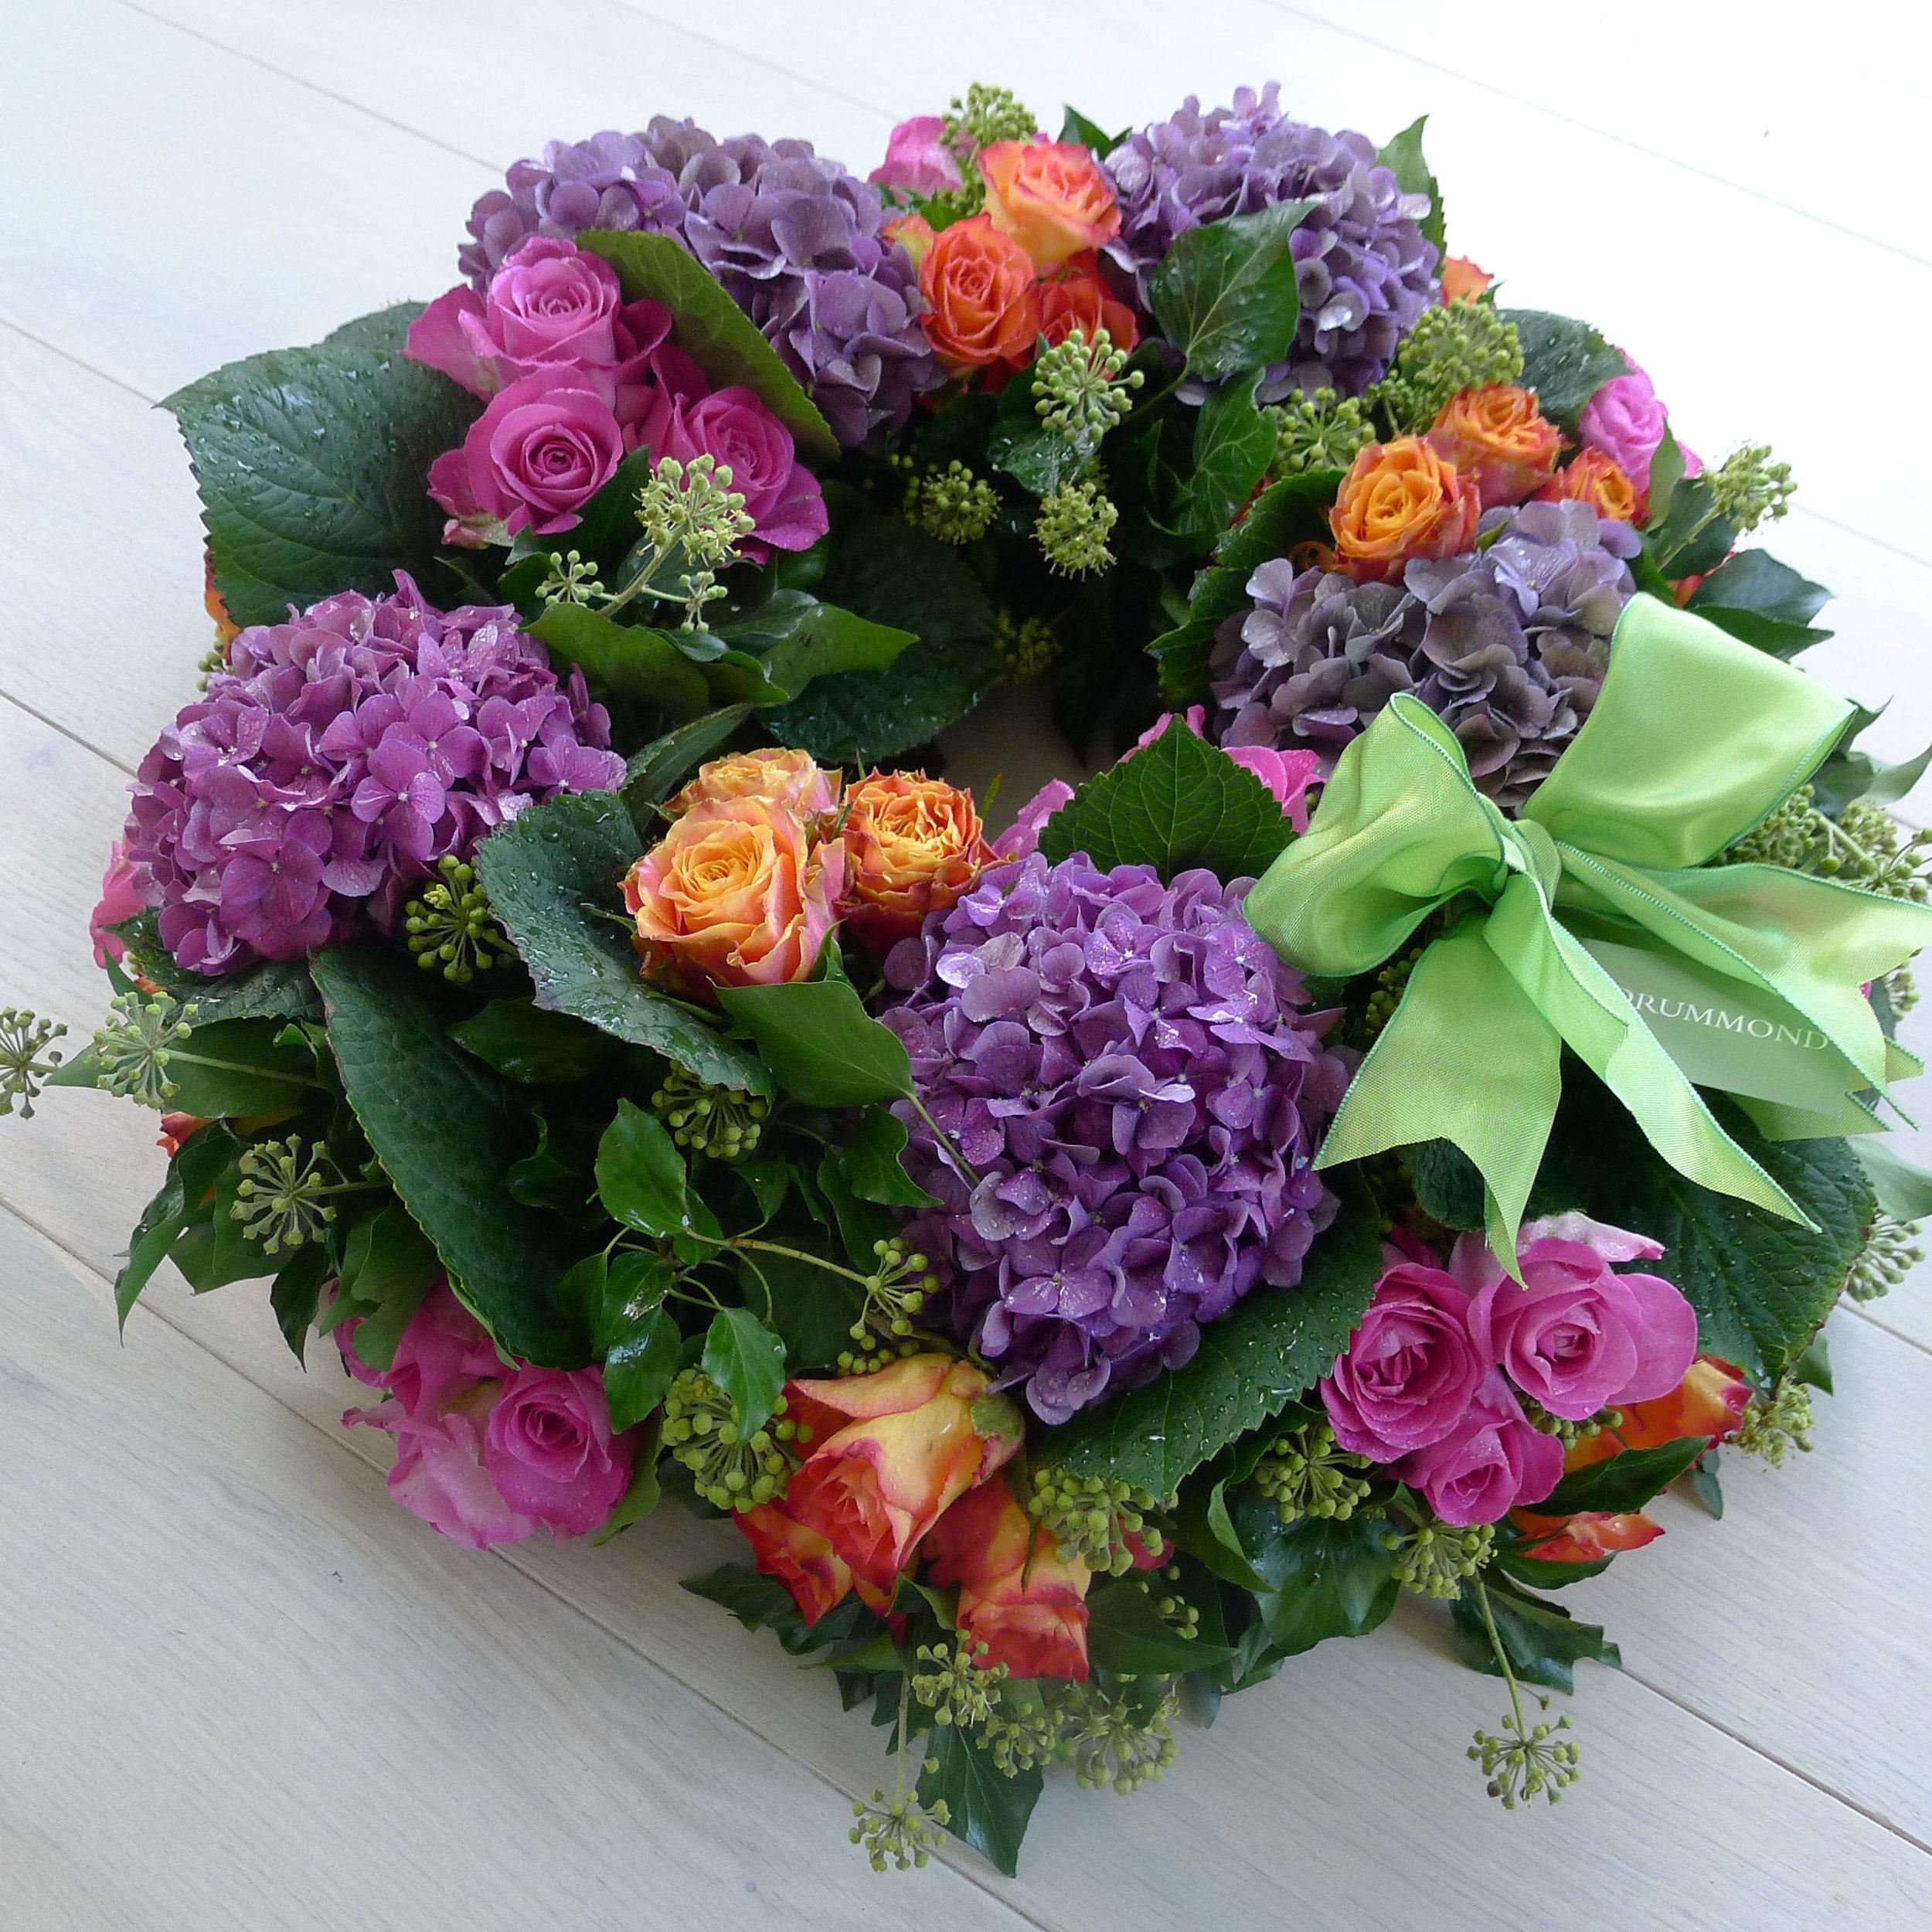 sympathy-flowers-wreath.jpg